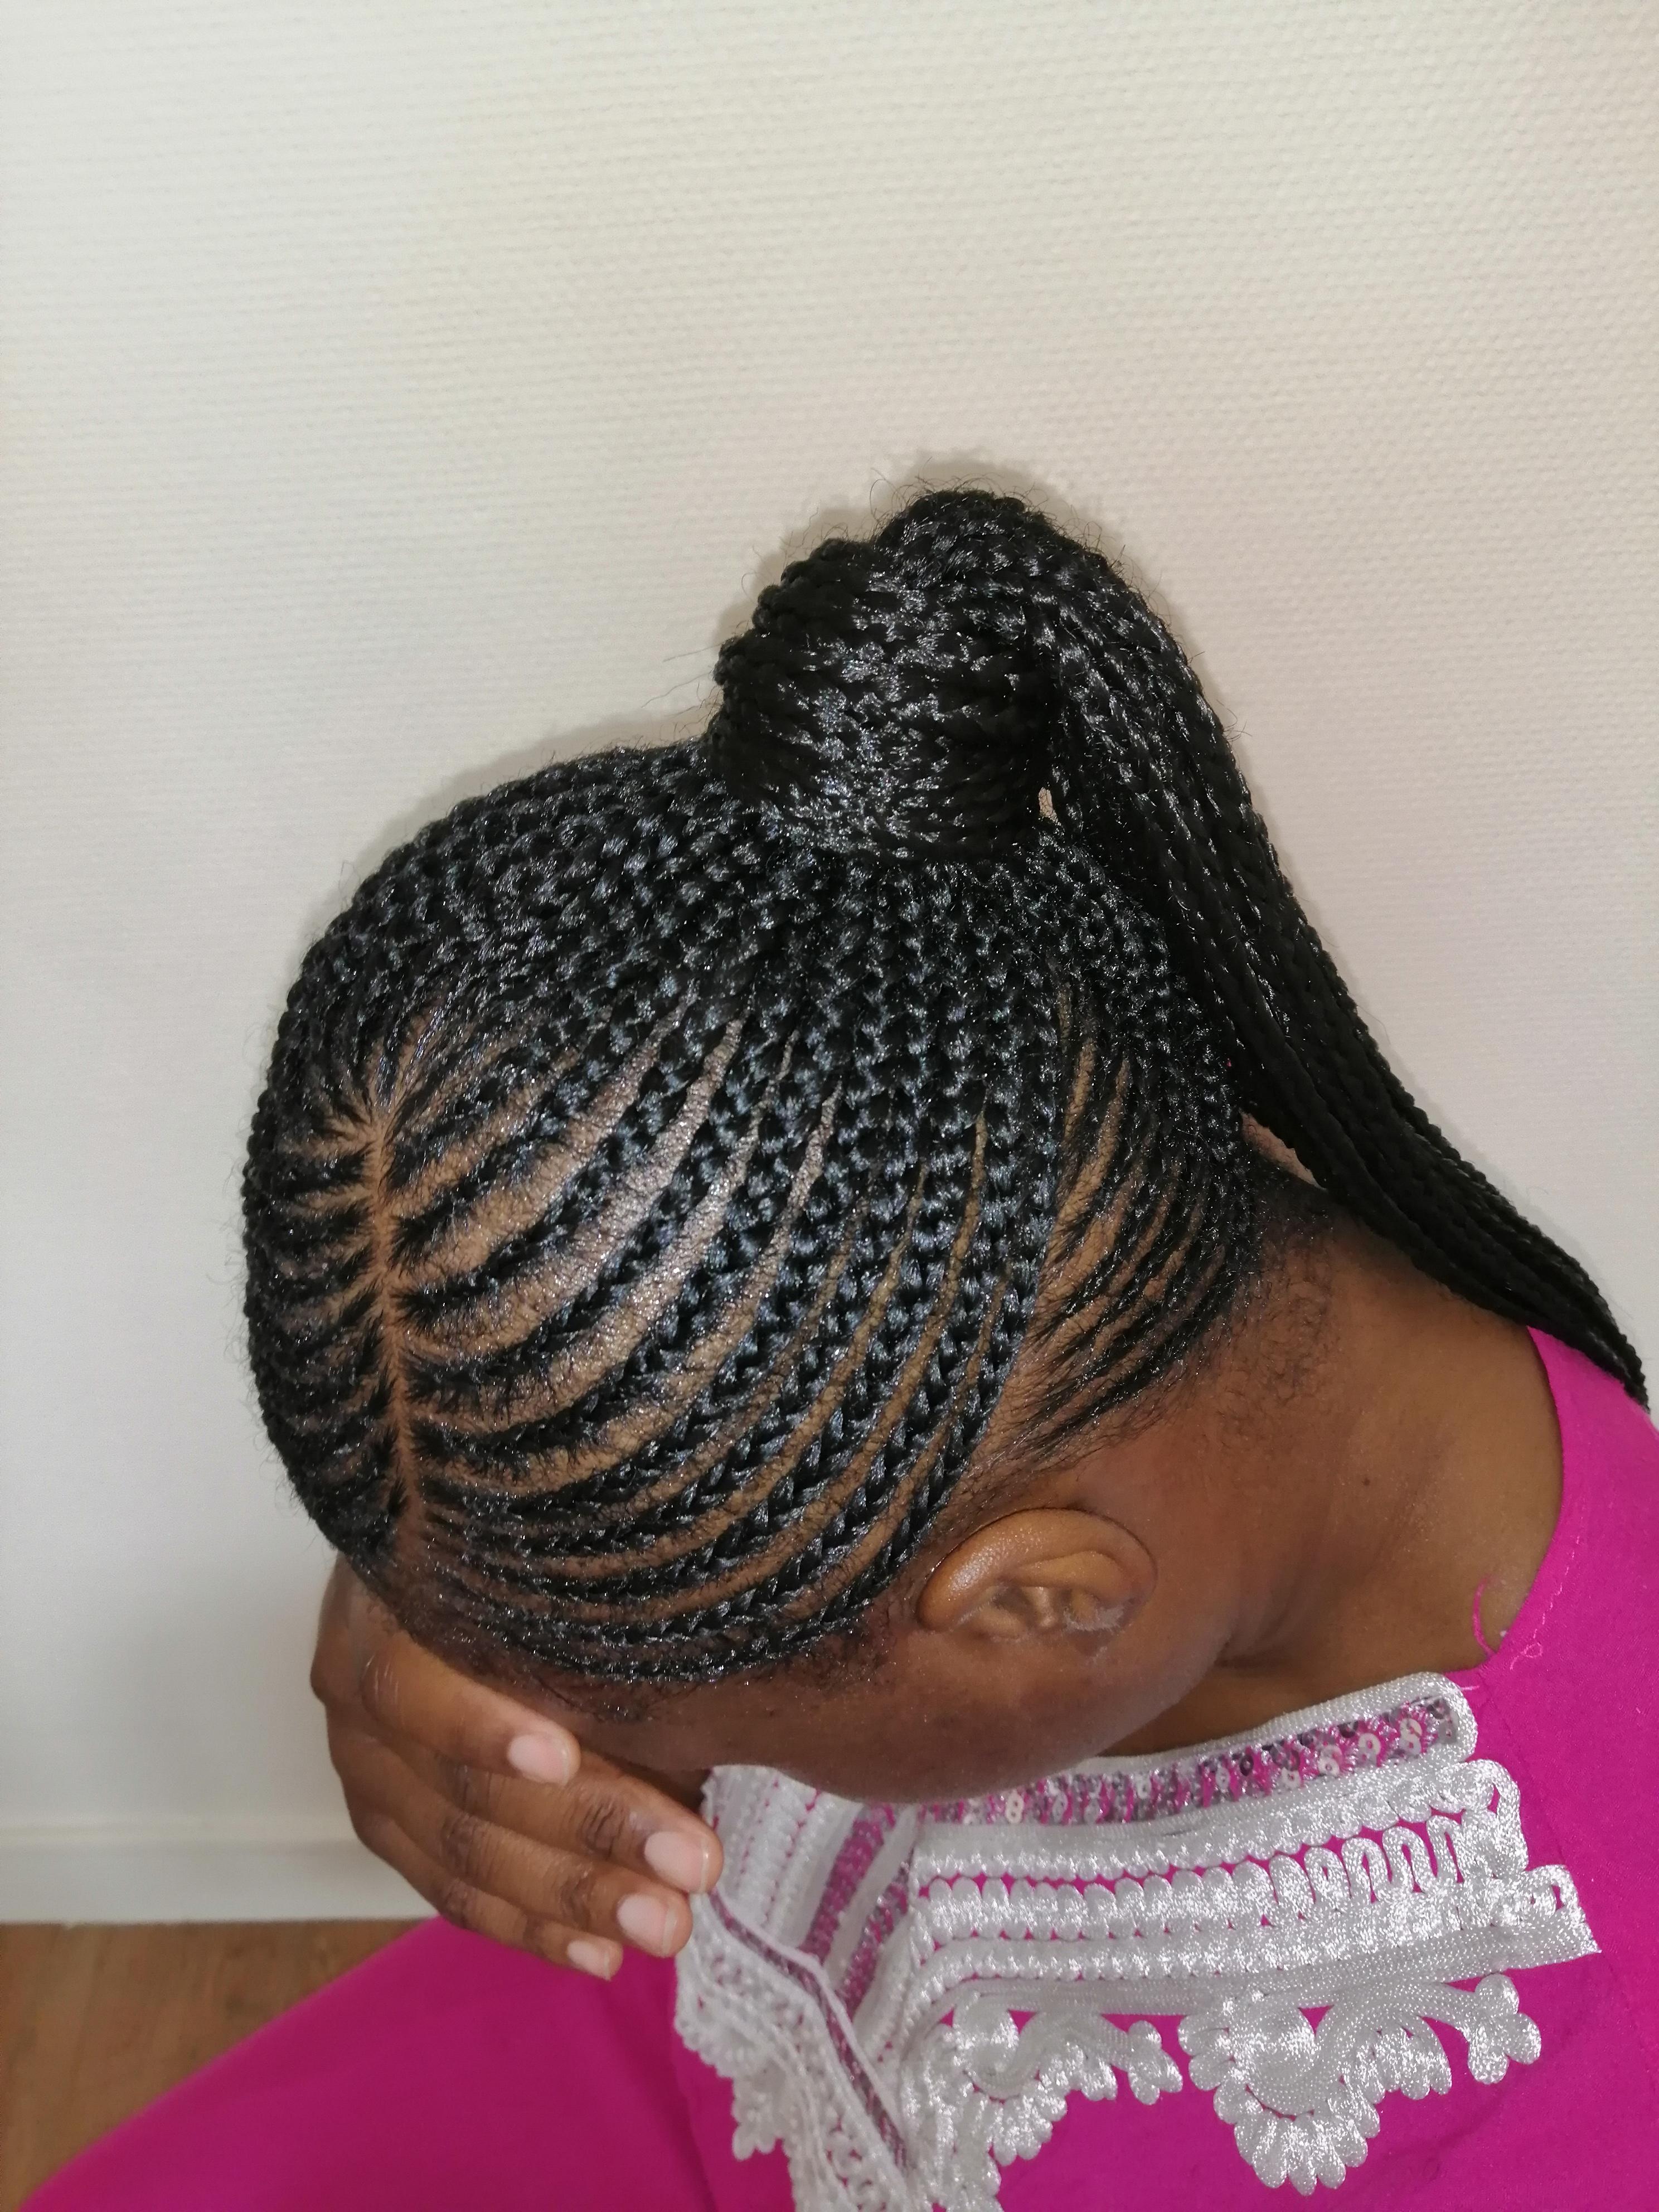 salon de coiffure afro tresse tresses box braids crochet braids vanilles tissages paris 75 77 78 91 92 93 94 95 XPZPQZBC